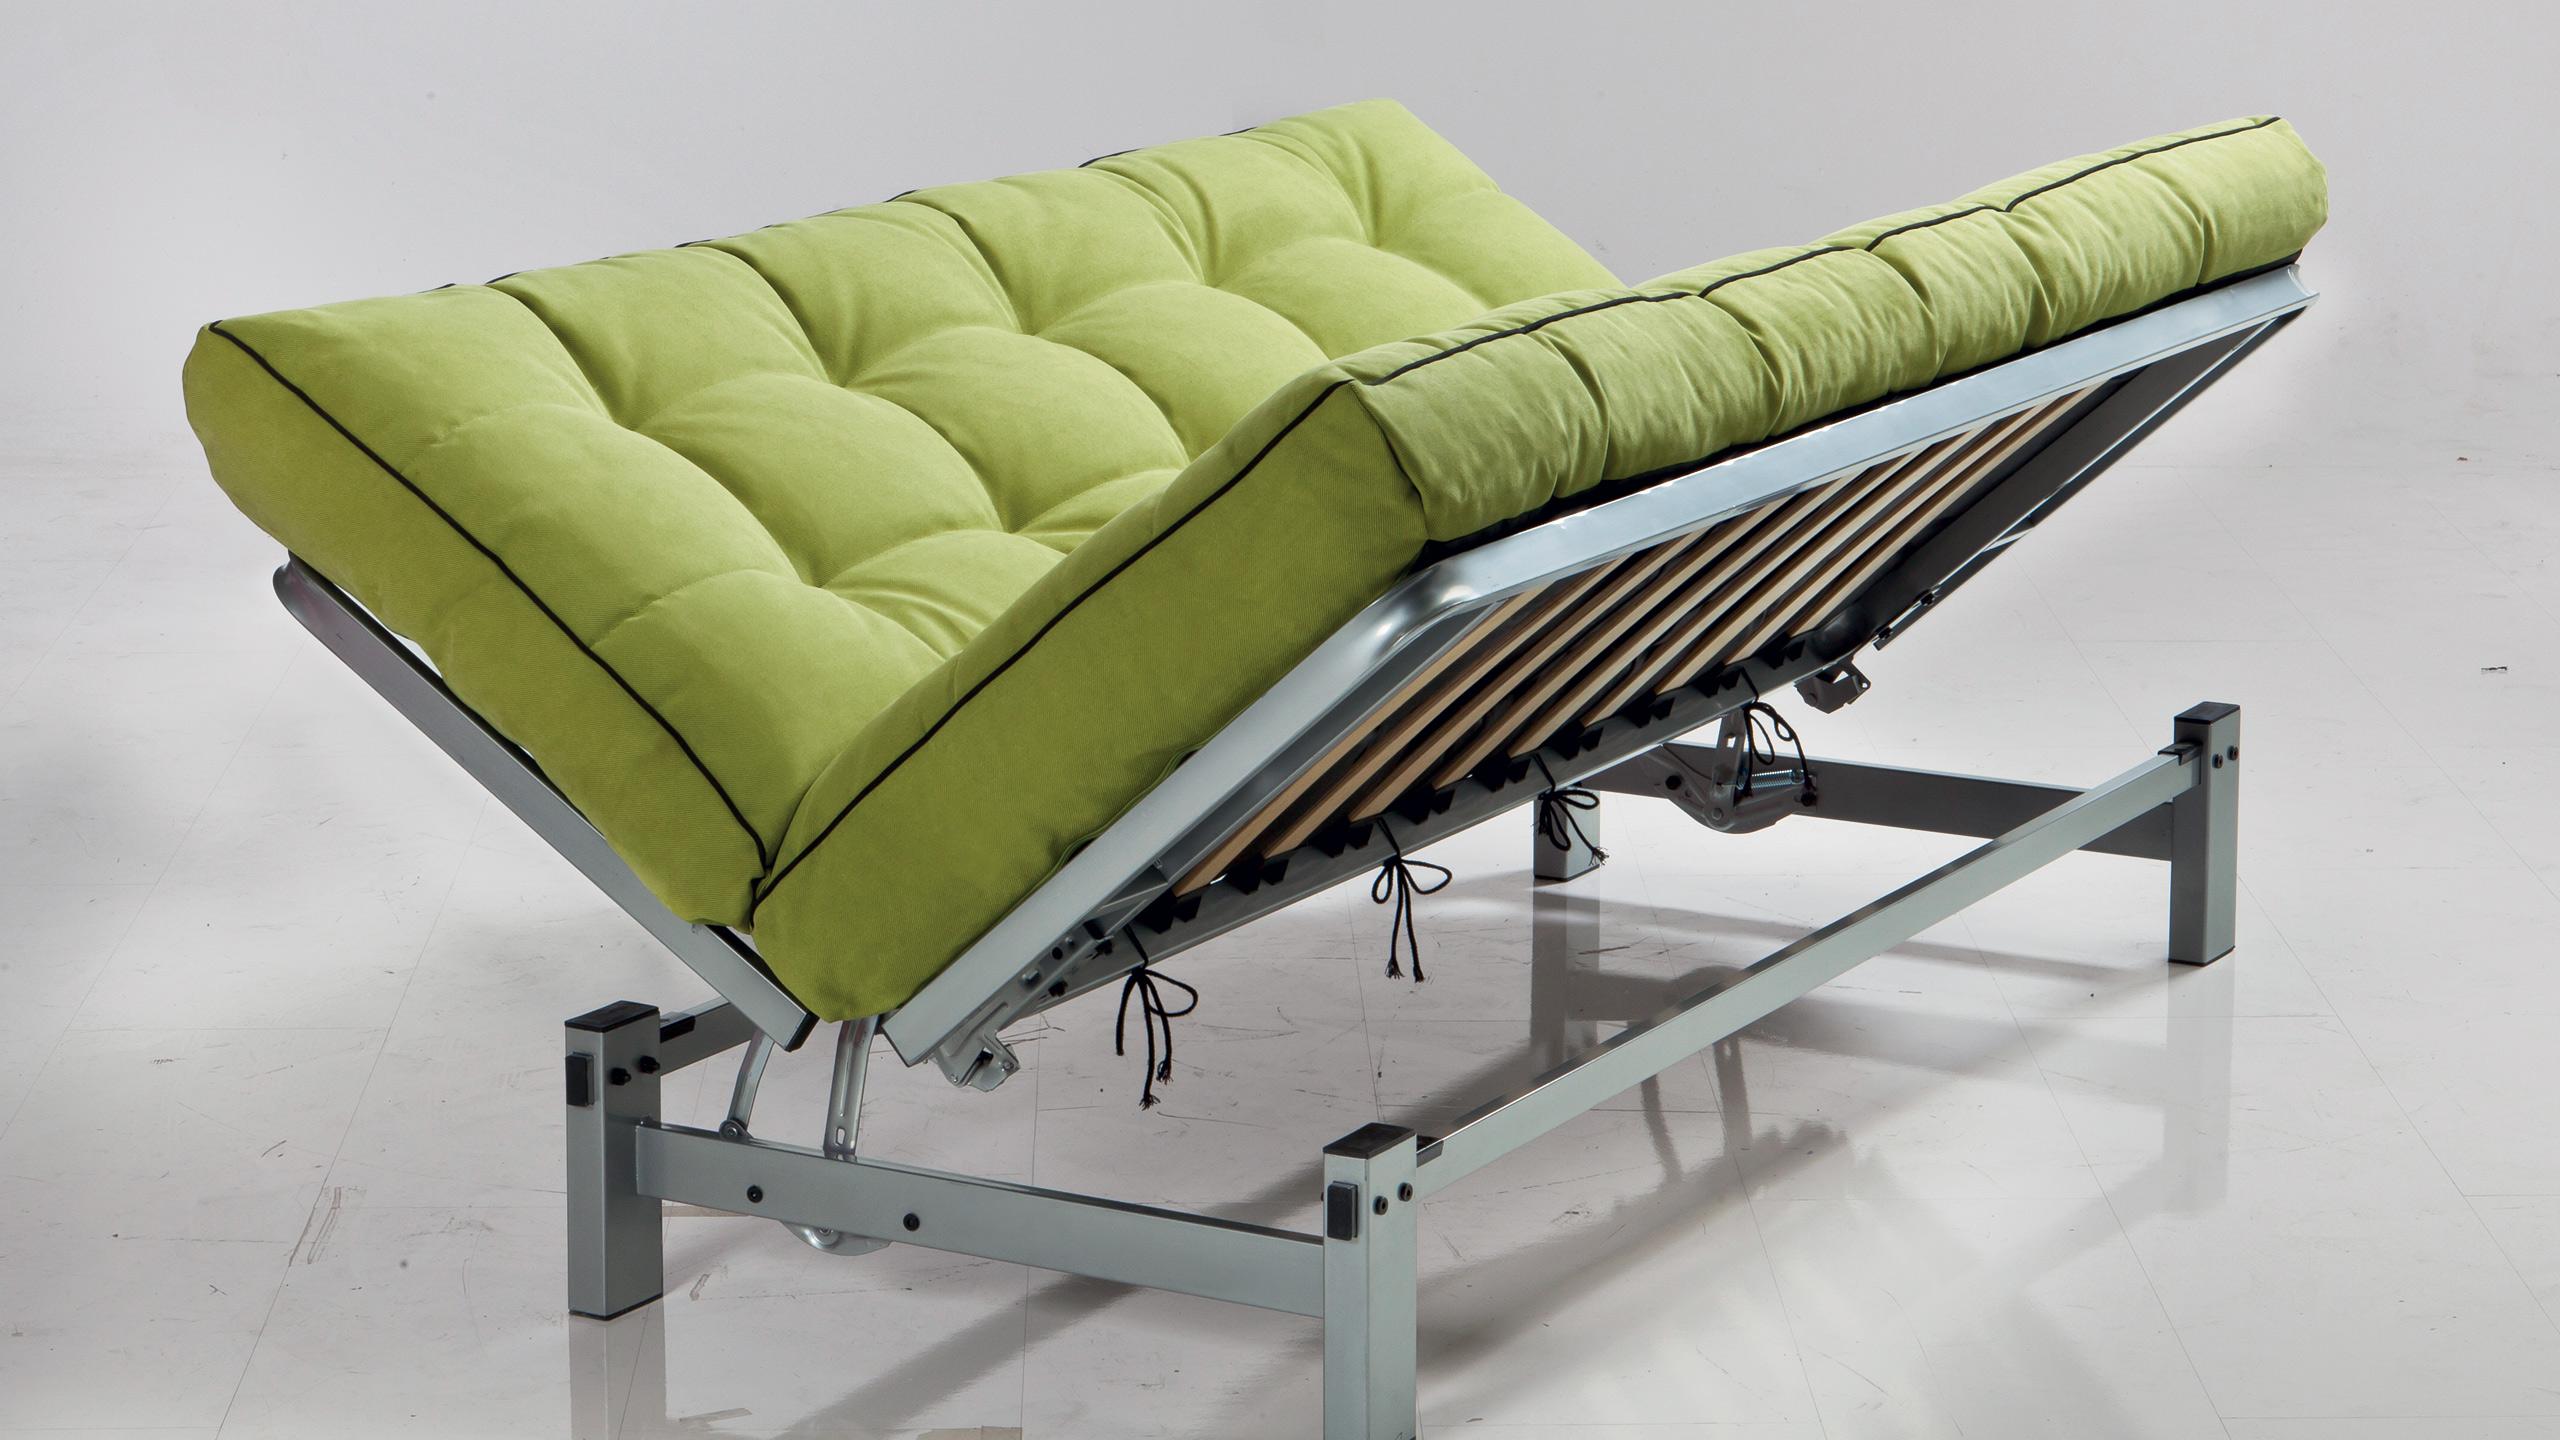 Full Size of Sofas Mbel Interliving Hugelmann Lahr Ausklappbares Bett Ausklappbar Wohnzimmer Couch Ausklappbar